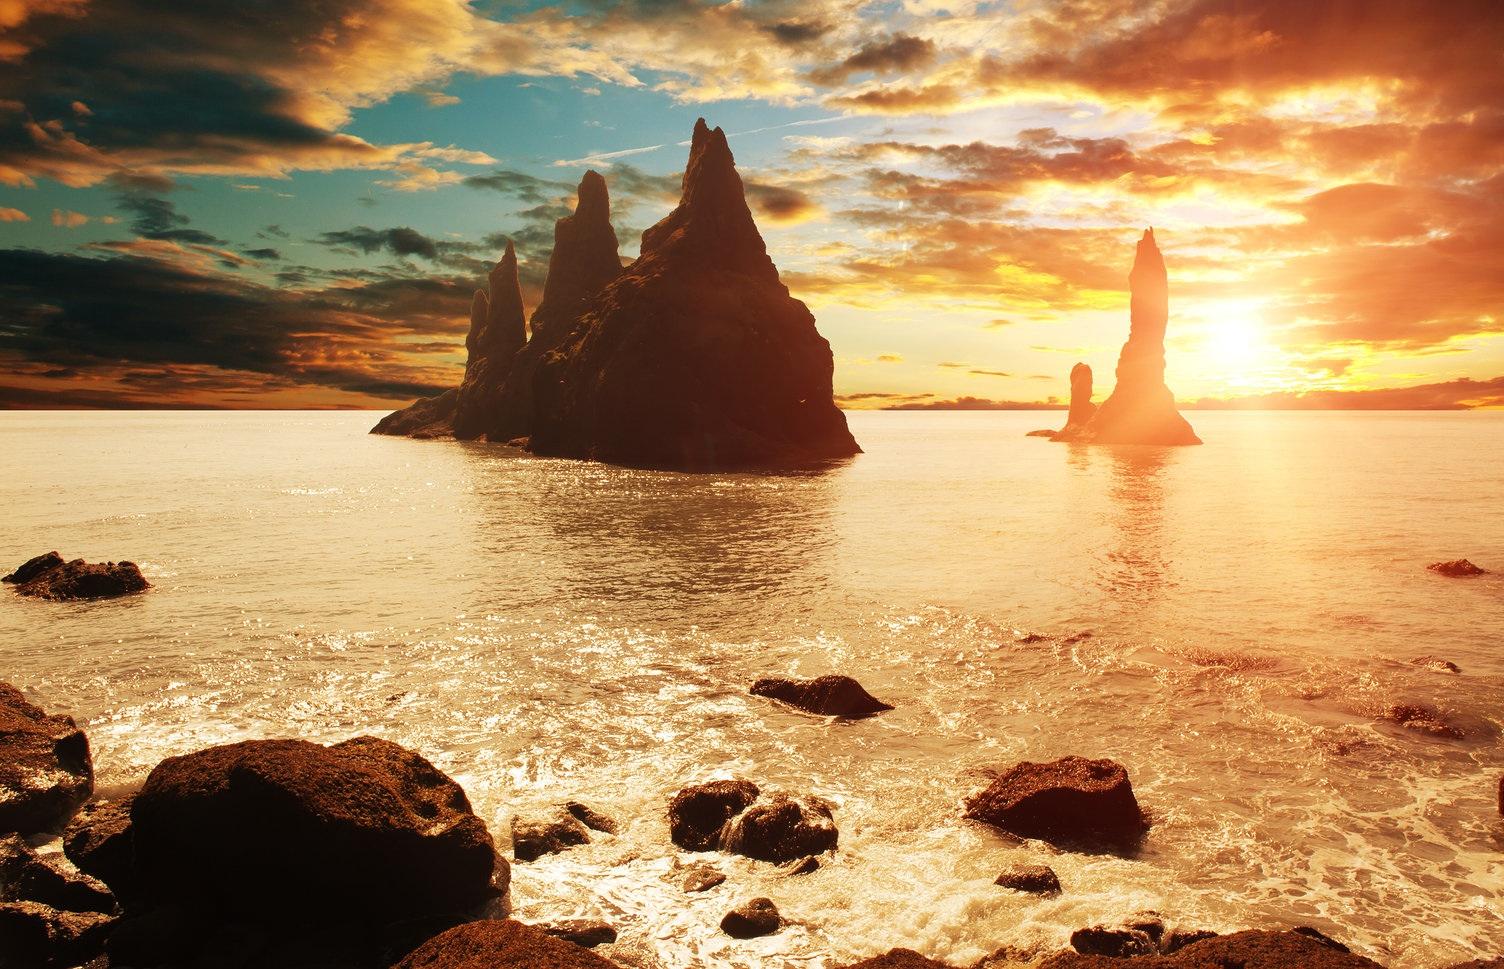 冰岛南岸黑沙滩也是冰岛之旅中绝不能错过的一站